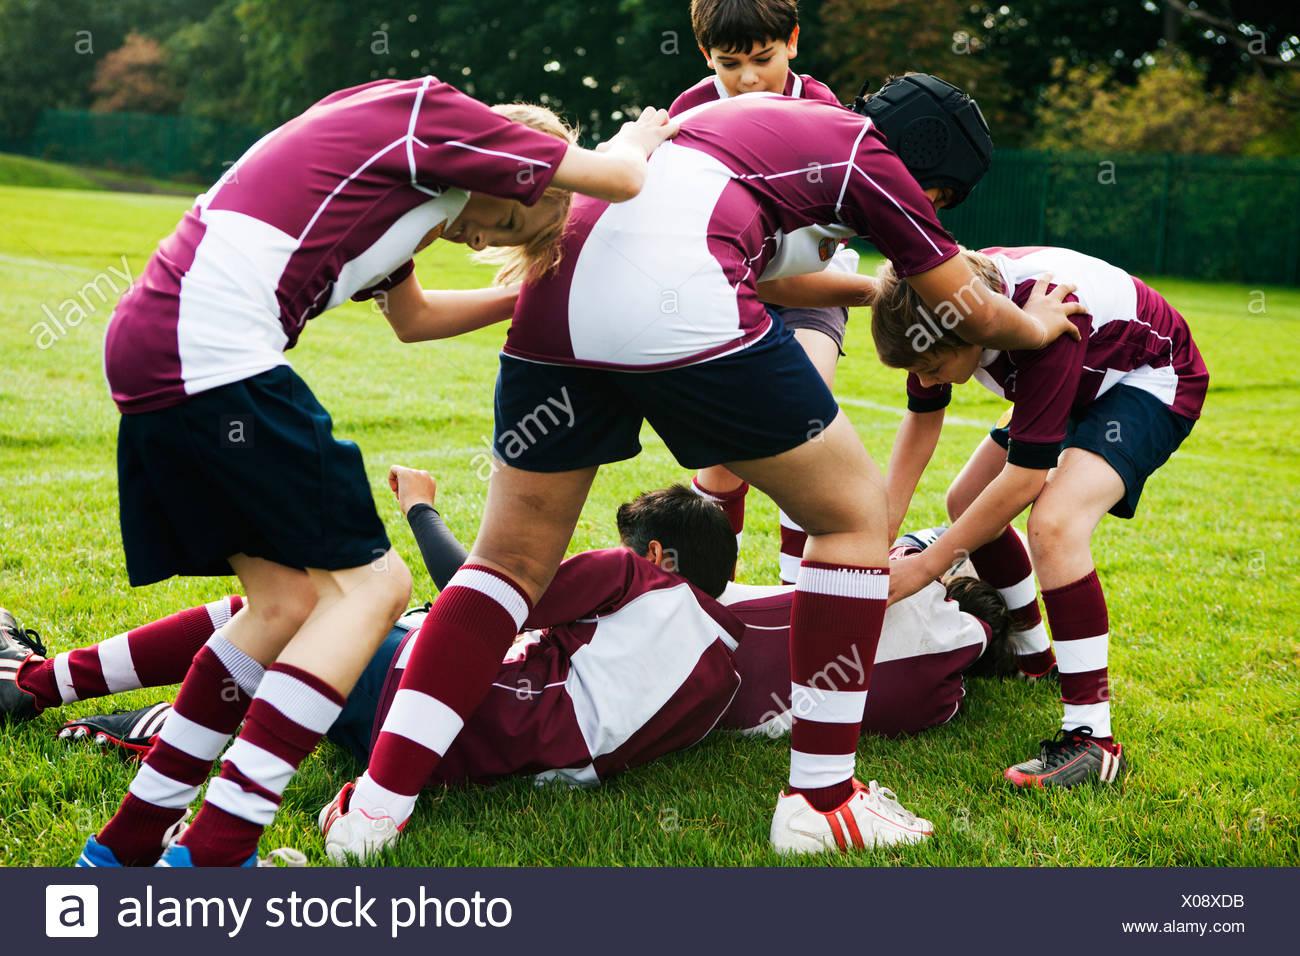 Teenage schoolboy rugby giocare in modo aggressivo Immagini Stock